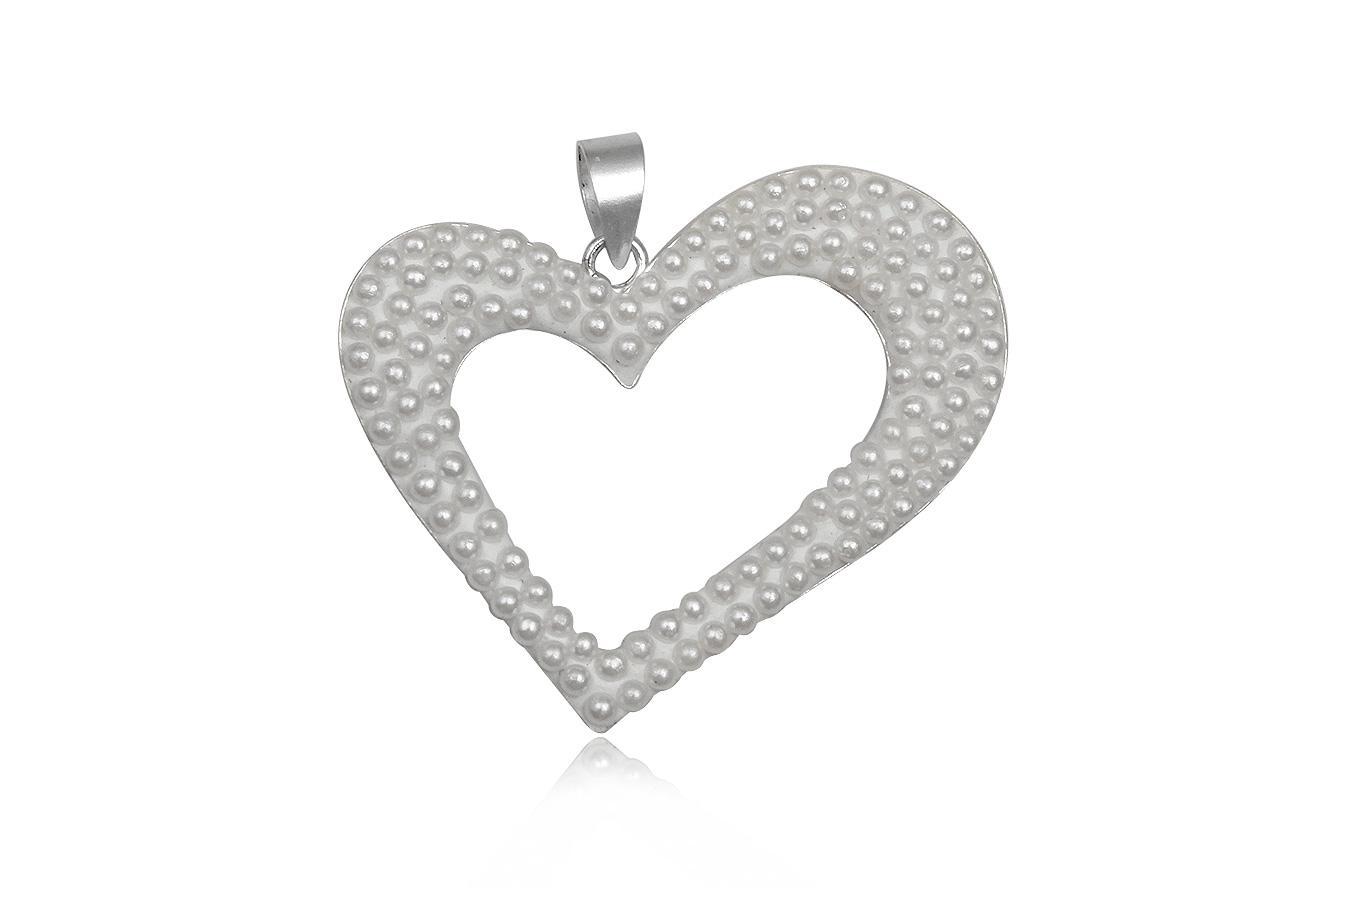 pandantiv argint cu perle mici